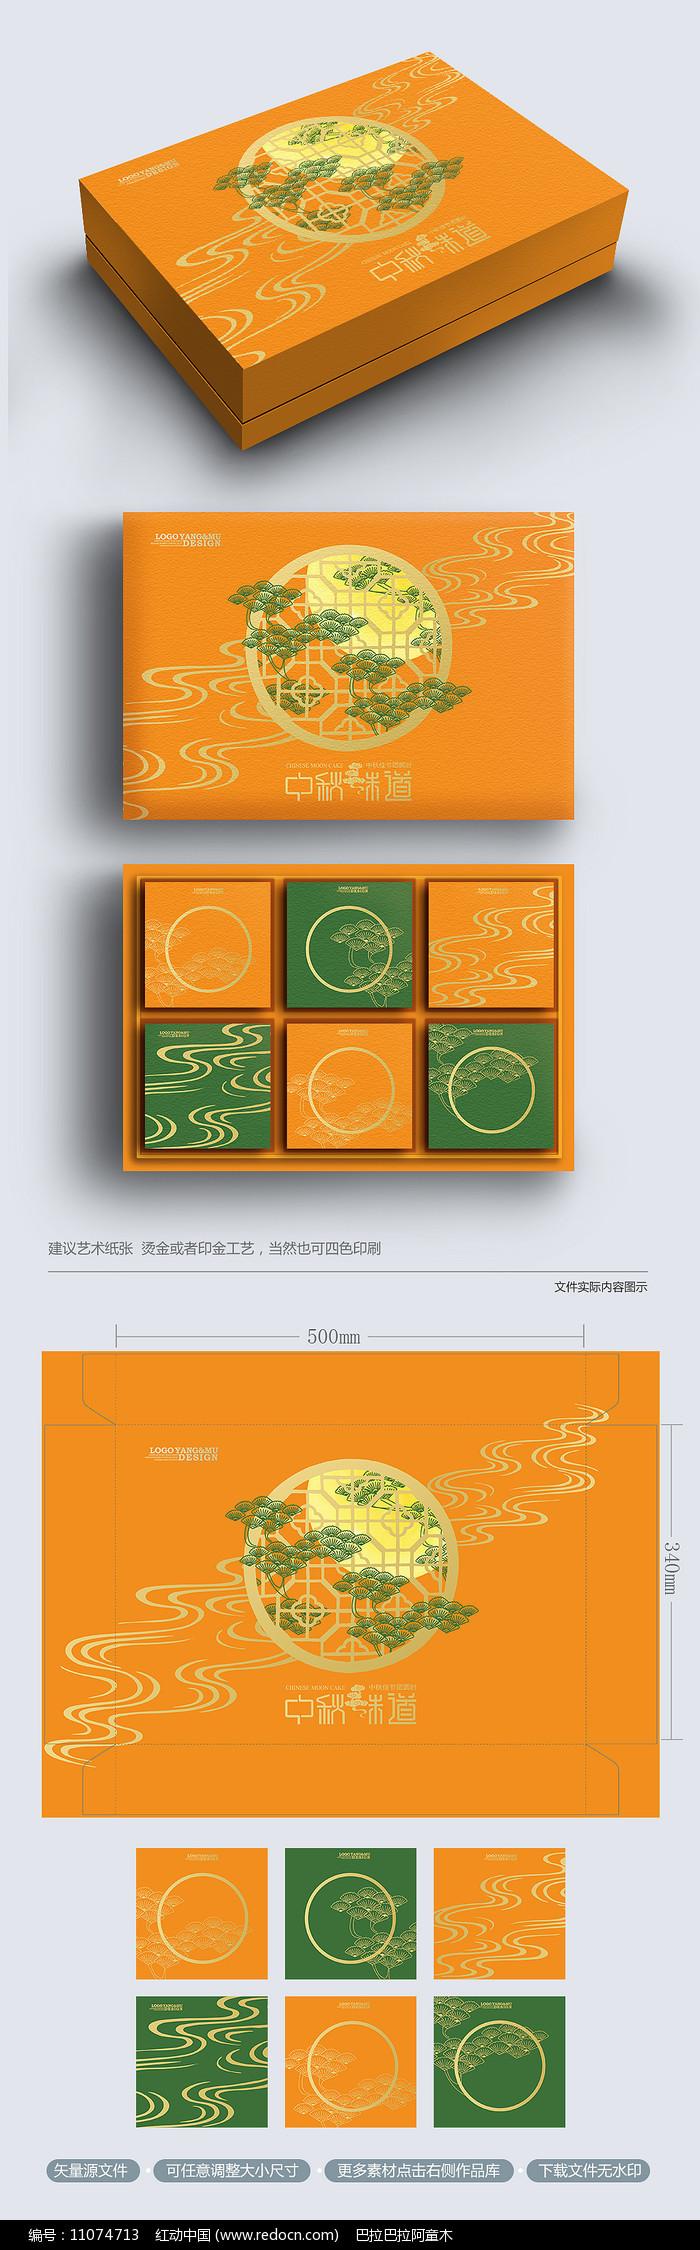 原创中国传统元素高档中秋月饼包装礼盒图片